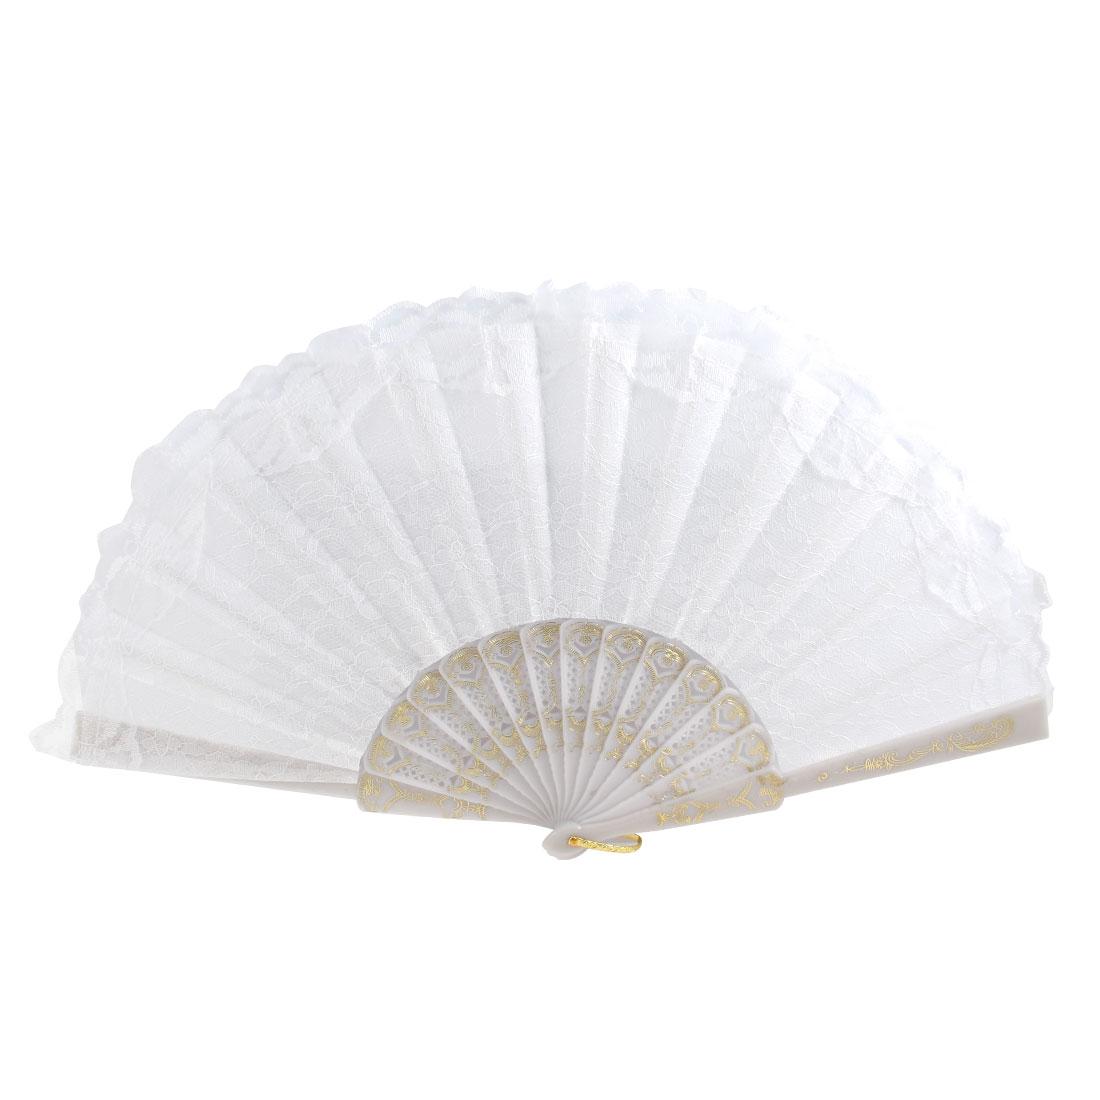 Lady Flower Pattern Lace Rim Decor Folding Dancing Hand Fan White